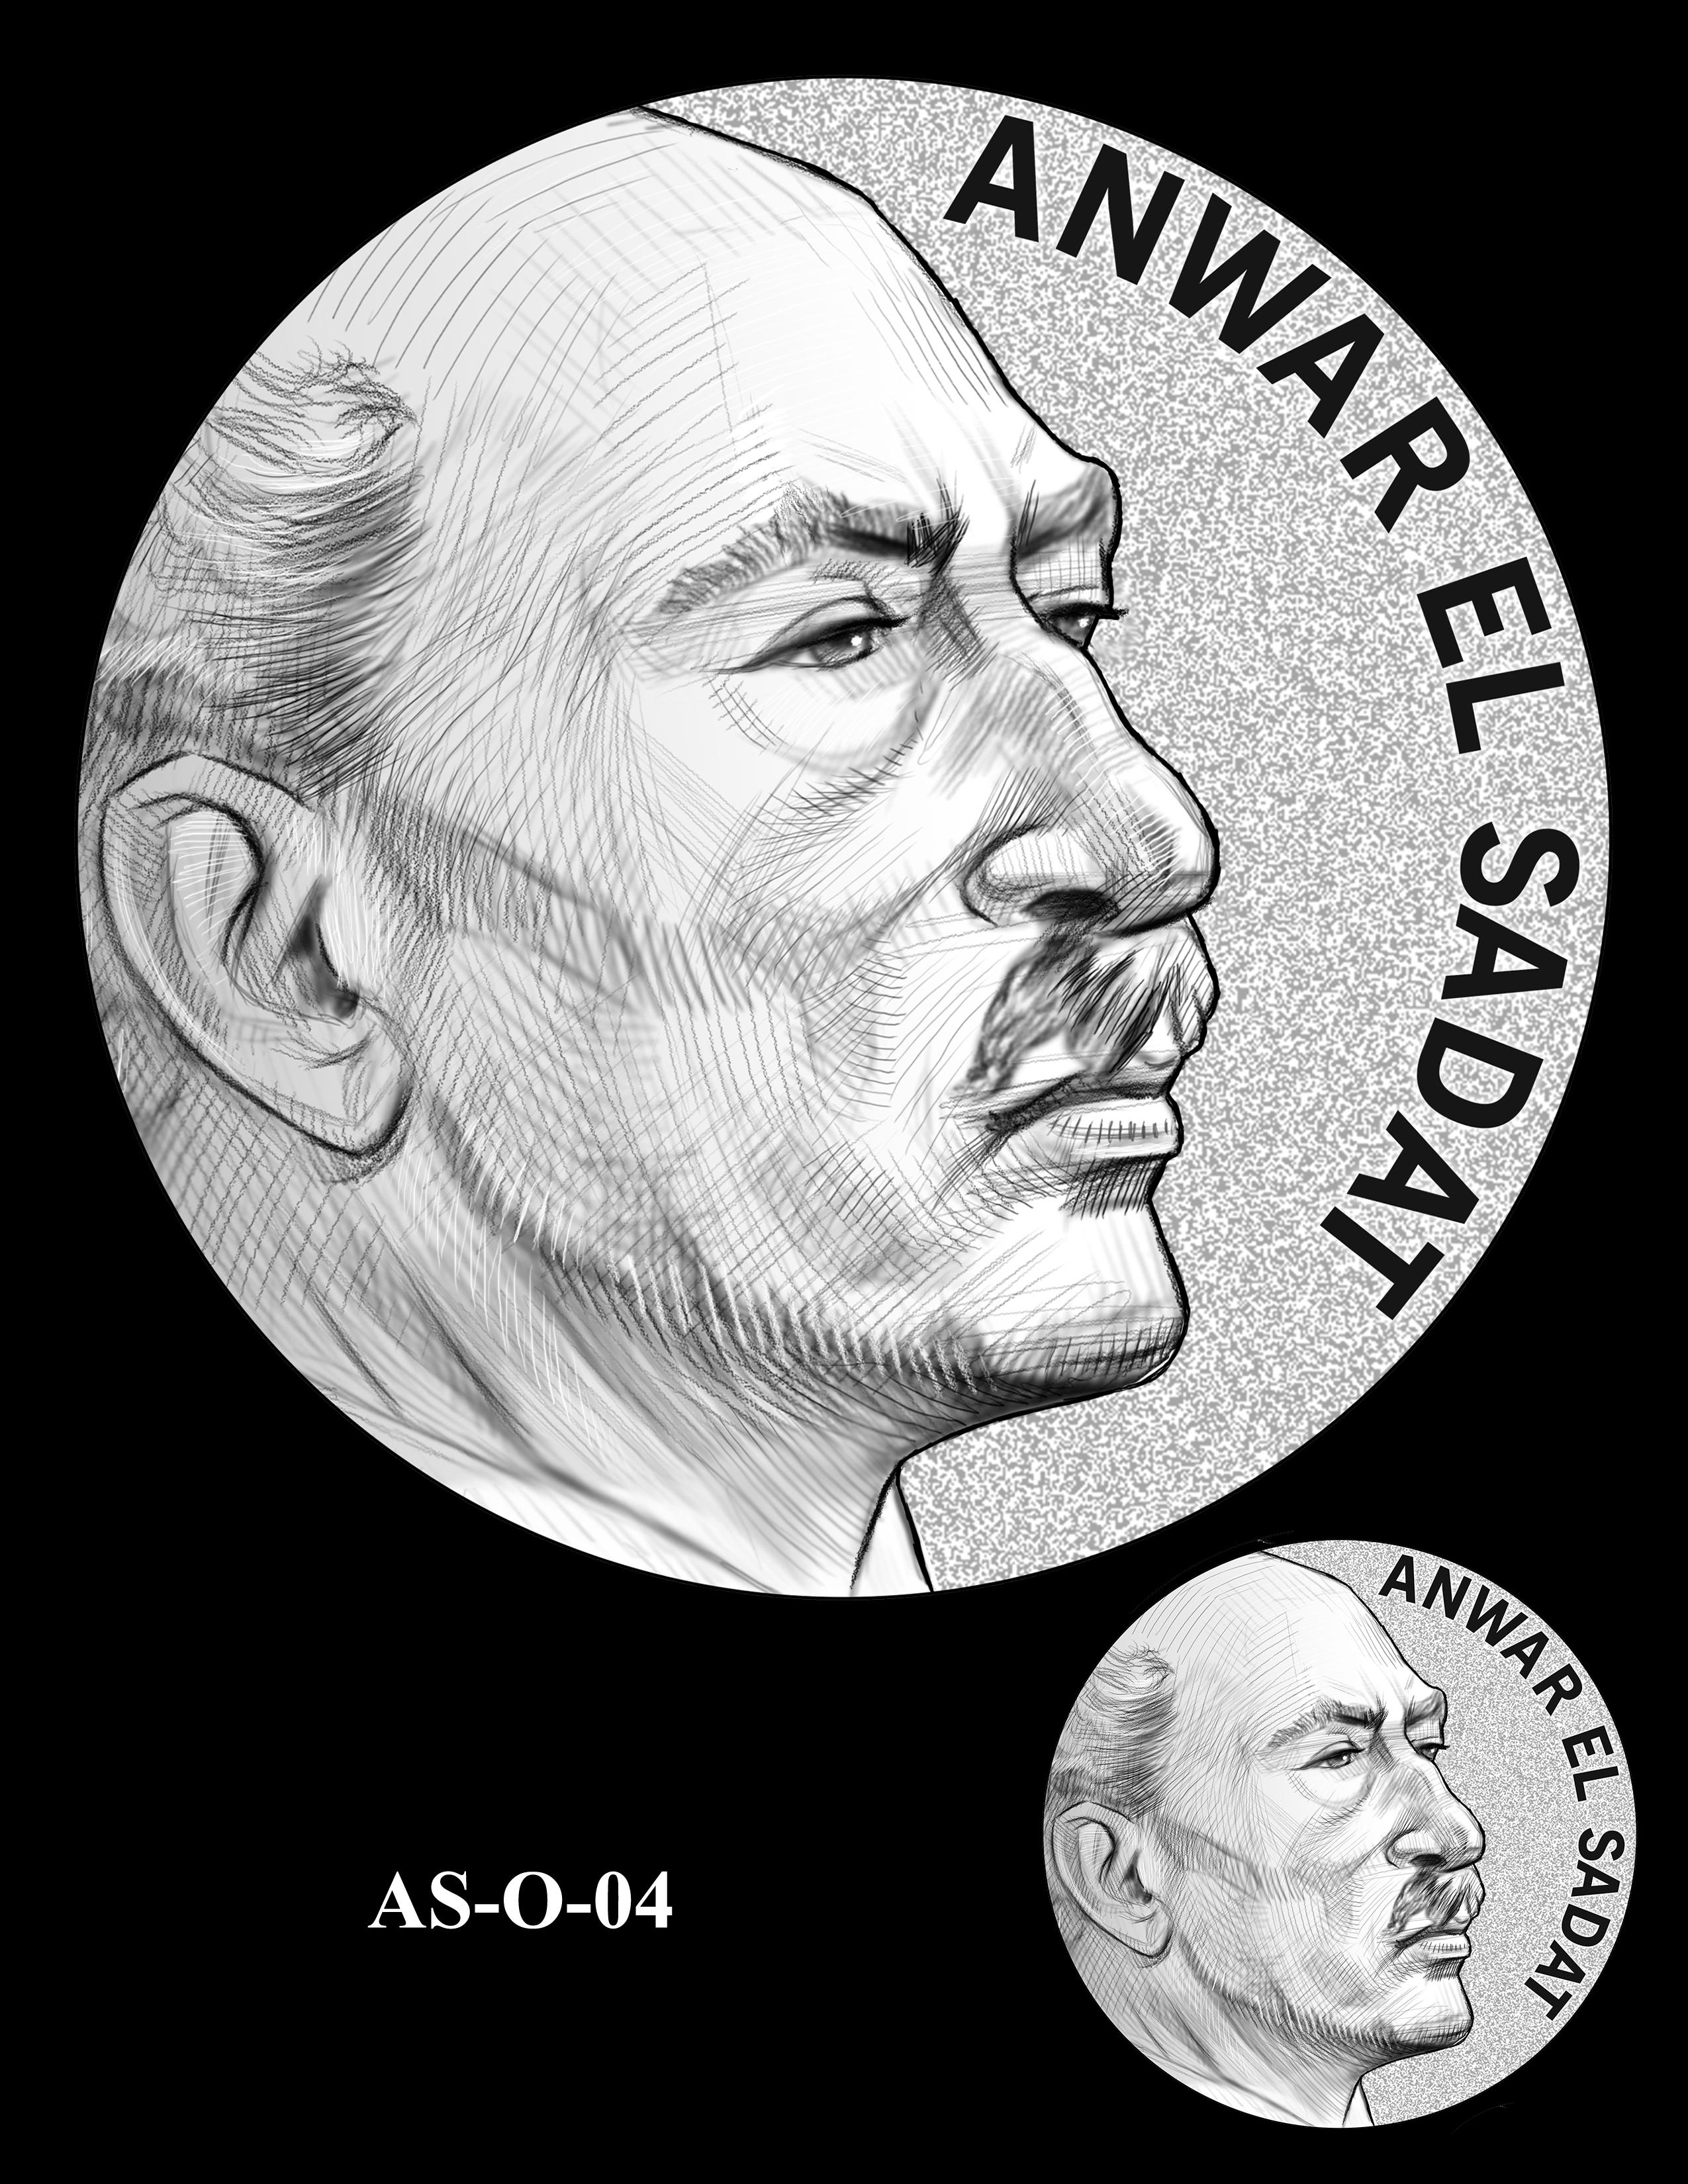 AS-O-04 -- Anwar El Sadat CGM Obverse